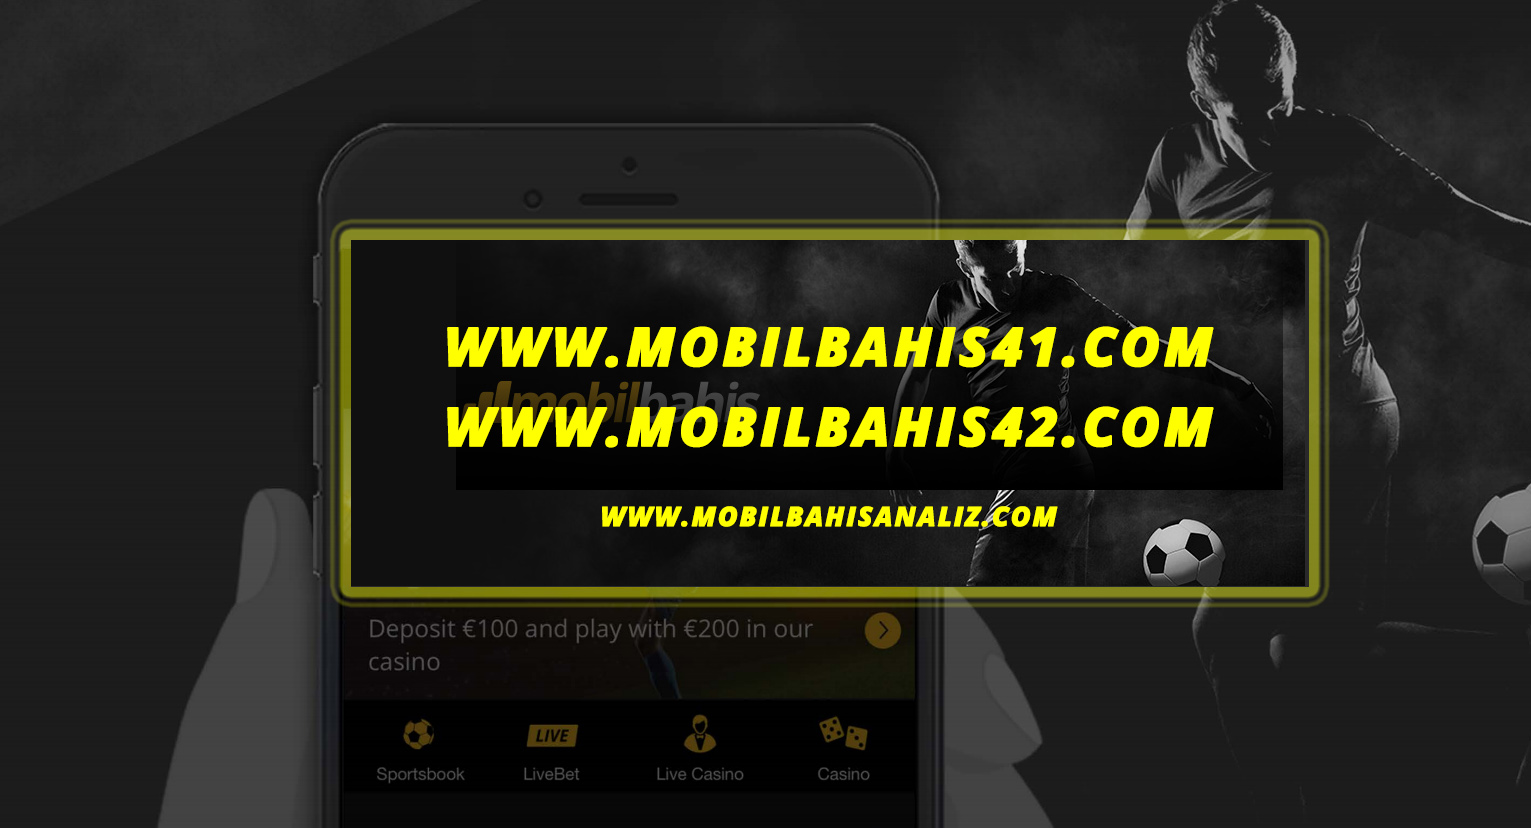 Mobilbahis41 ve Mobilbahis42 Yeni Adresleri